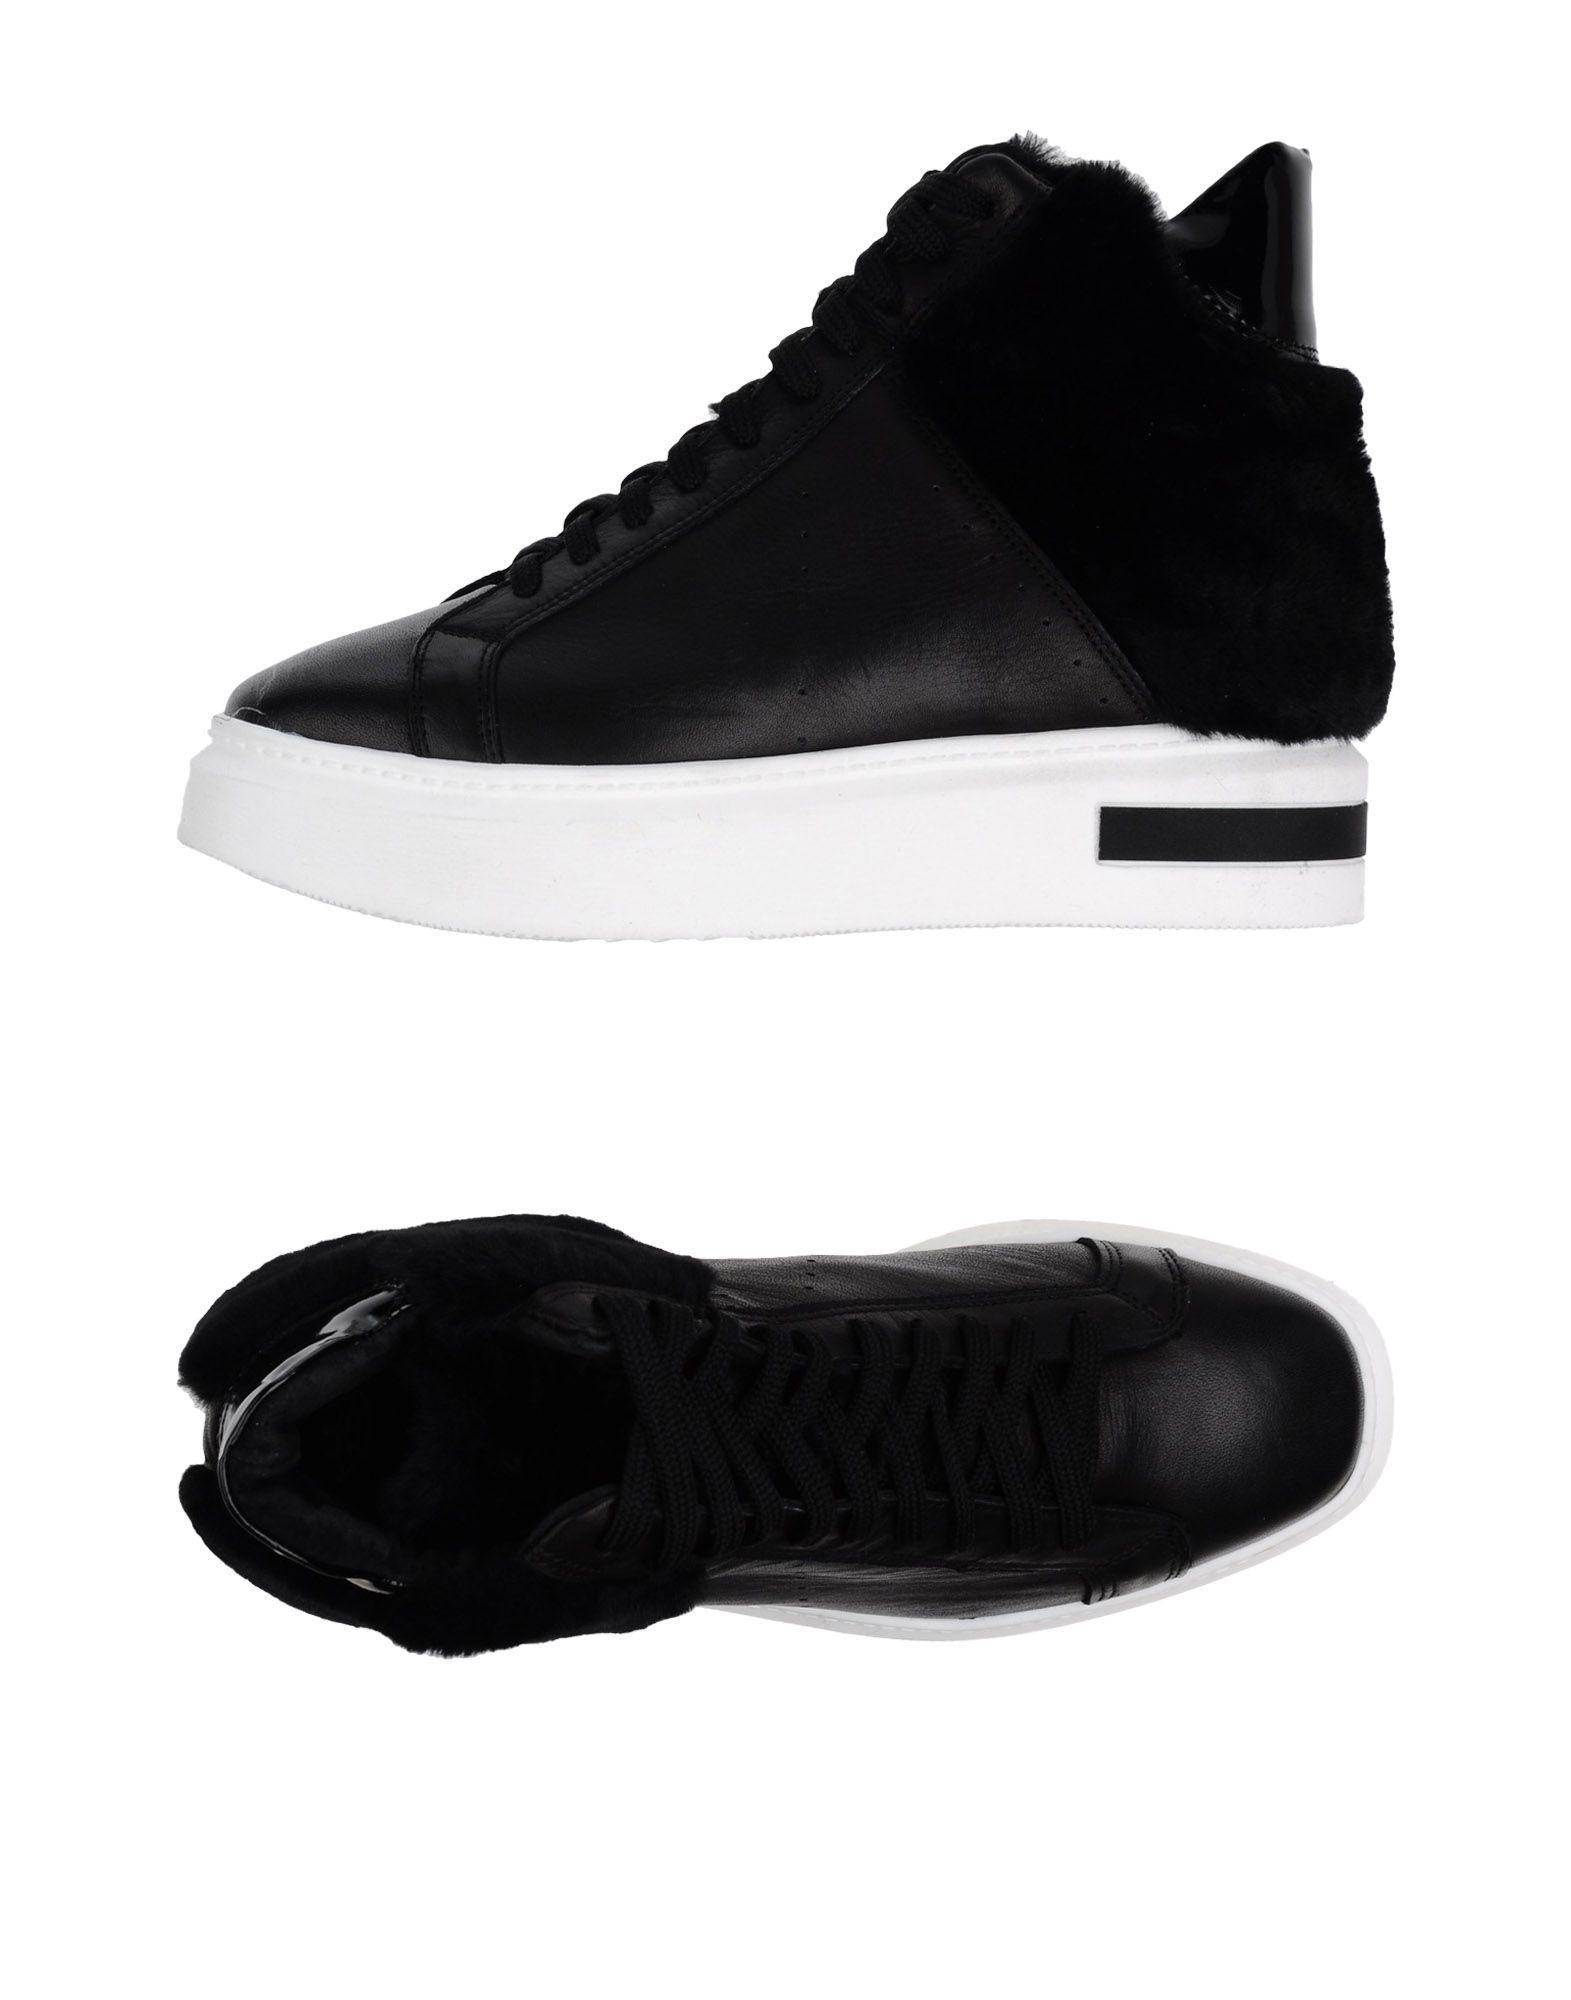 Moda Sneakers Nbr1 11293008NI Donna - 11293008NI Nbr1 c6bd73